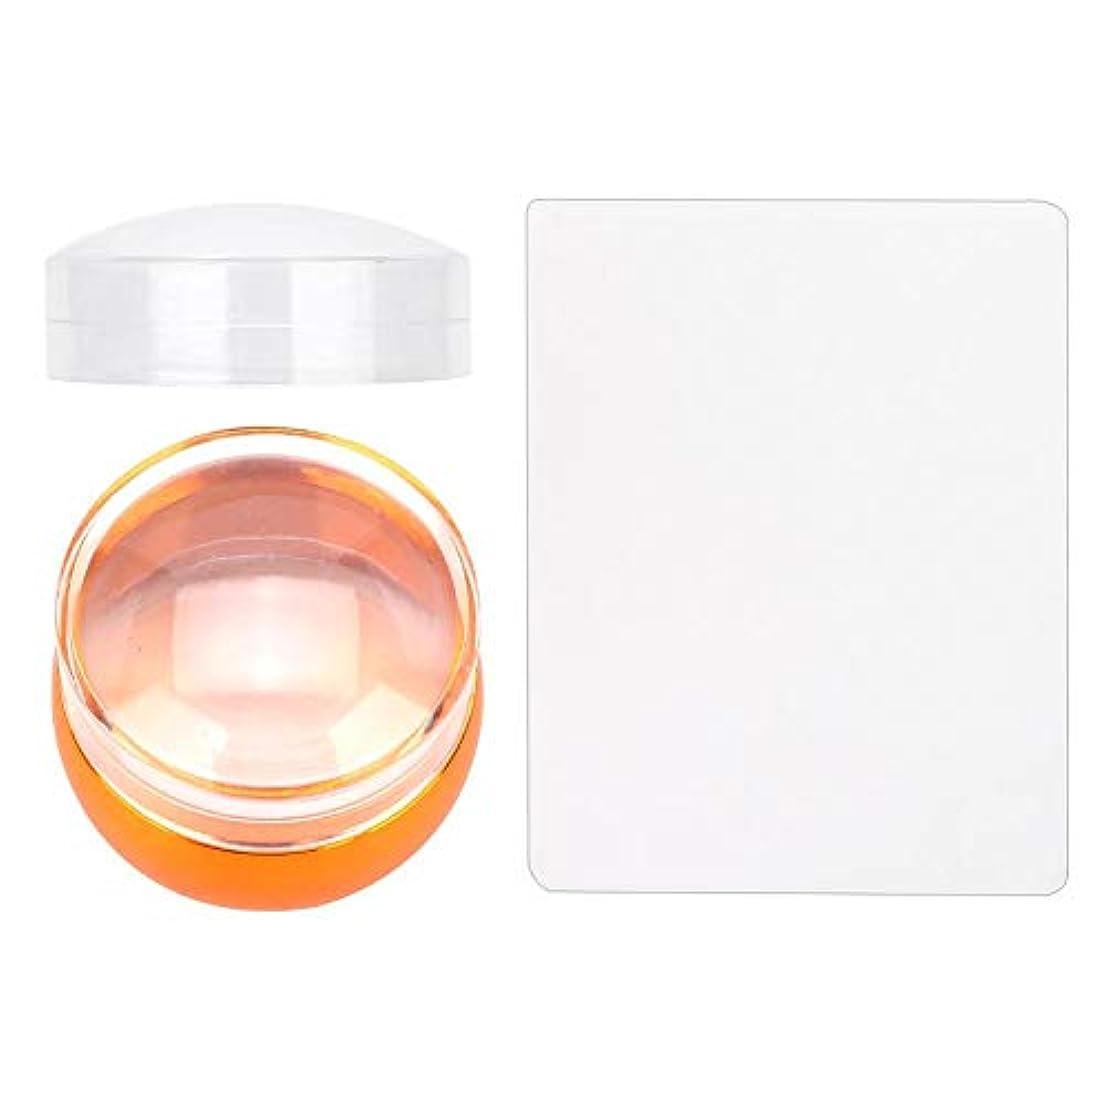 透明 DIY シリコーンスタンパーシールシリコーンヘッド ネイルスタンパーアートスクレーパー キャップスタンピングマニキュア 印刷ツールセット(03)